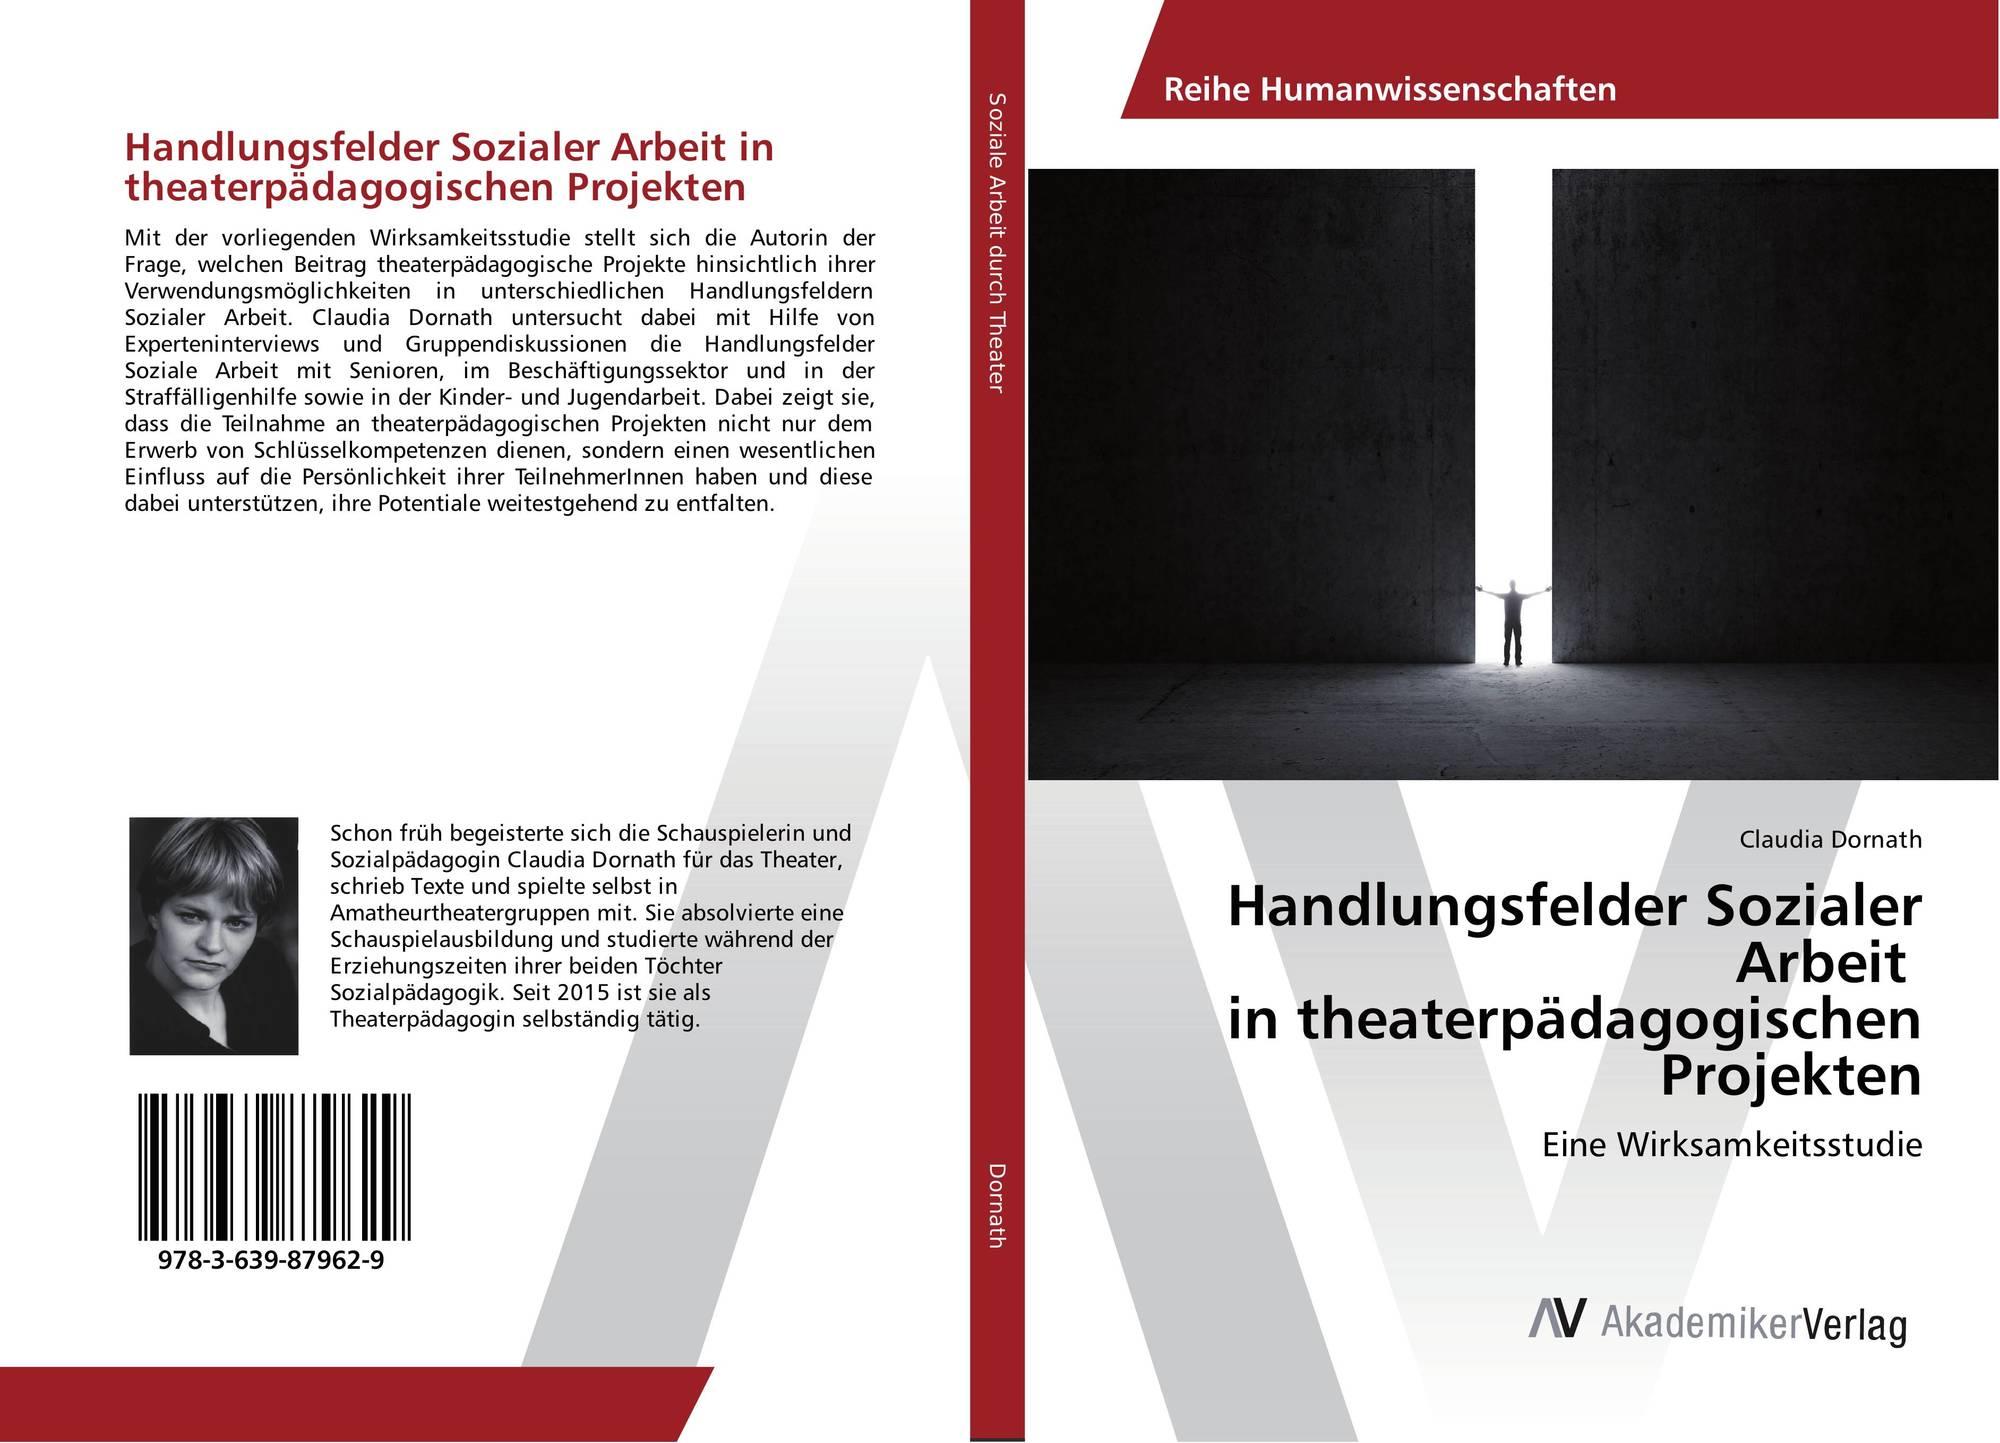 Handlungsfelder Sozialer Arbeit In Theaterpädagogischen Projekten 978 3 639 87962 9 3639879627 9783639879629 By Claudia Dornath